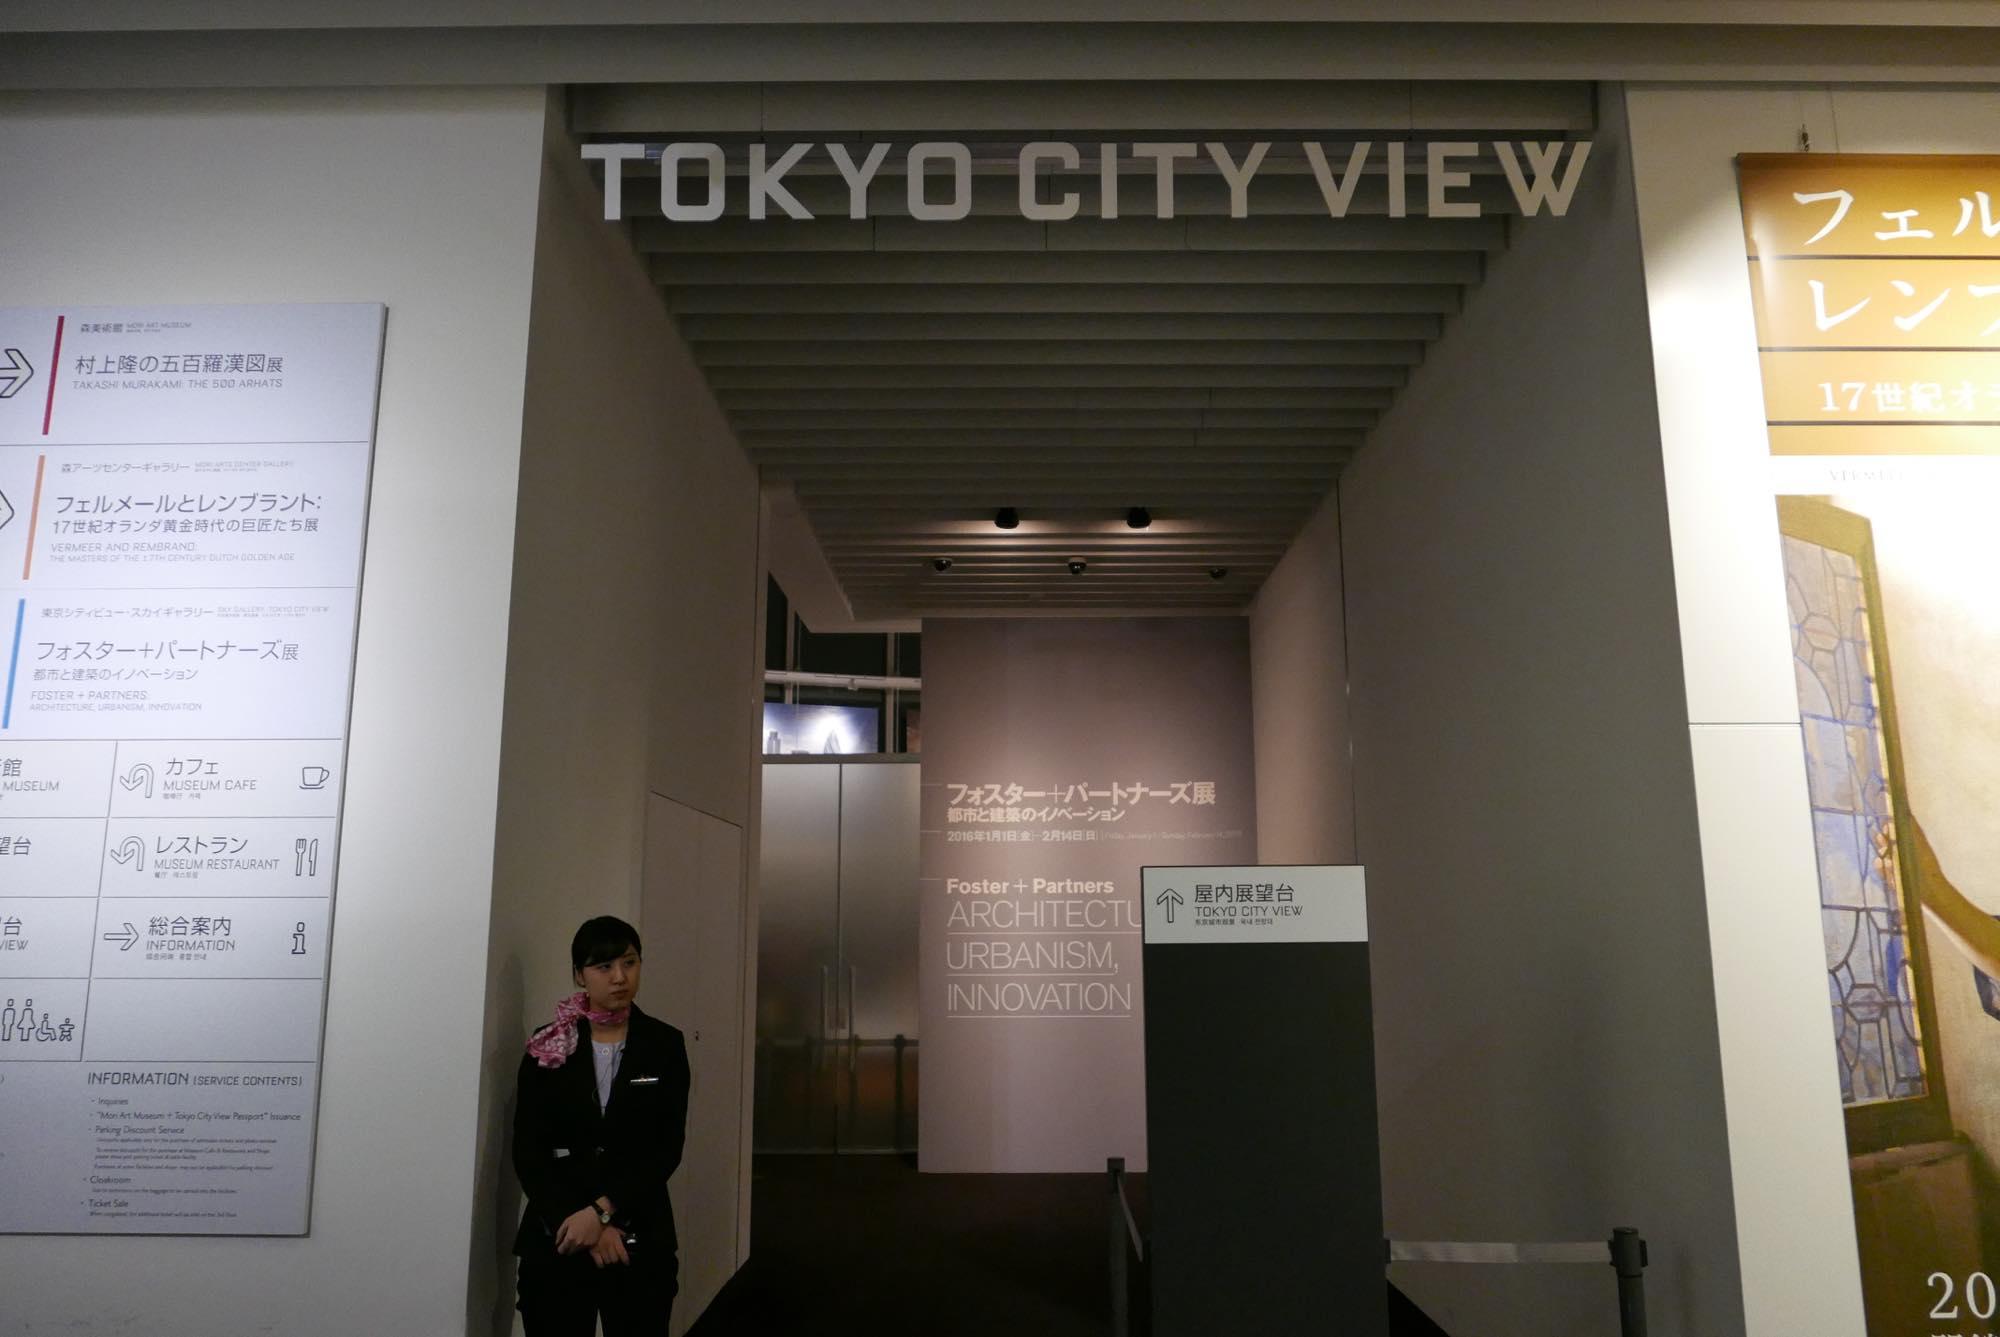 東京シティービュー 入り口